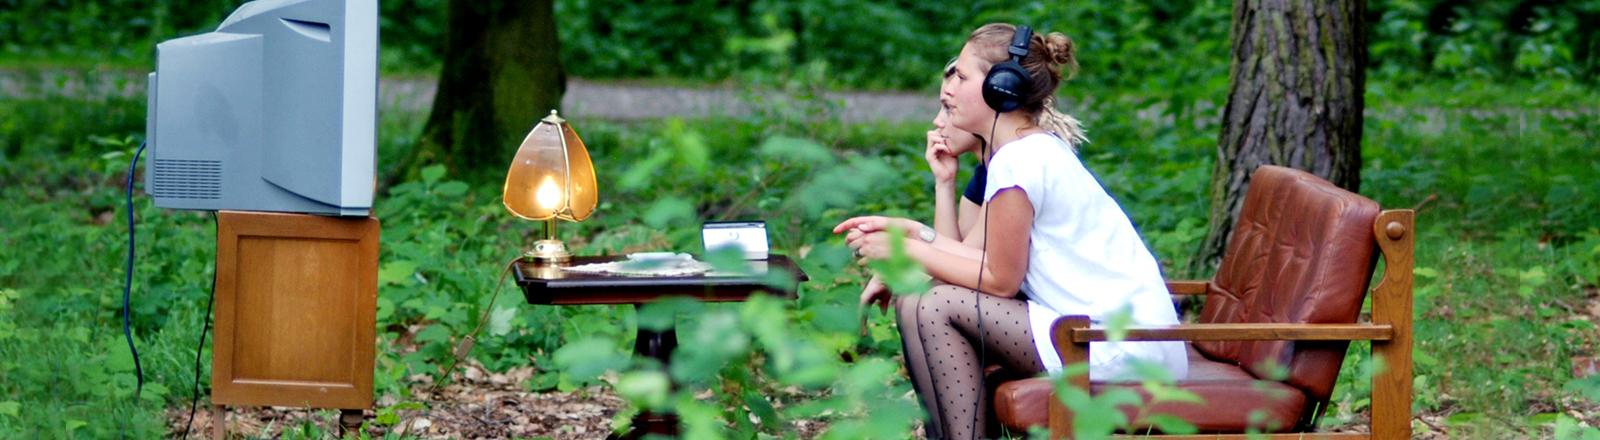 In einem Garten mit Bäumen sitzen zwei Mädchen auf einer Couch, vor ihnen ein kleiner Tisch, eine Lampe und ein Fernseher auf einem Sideboard